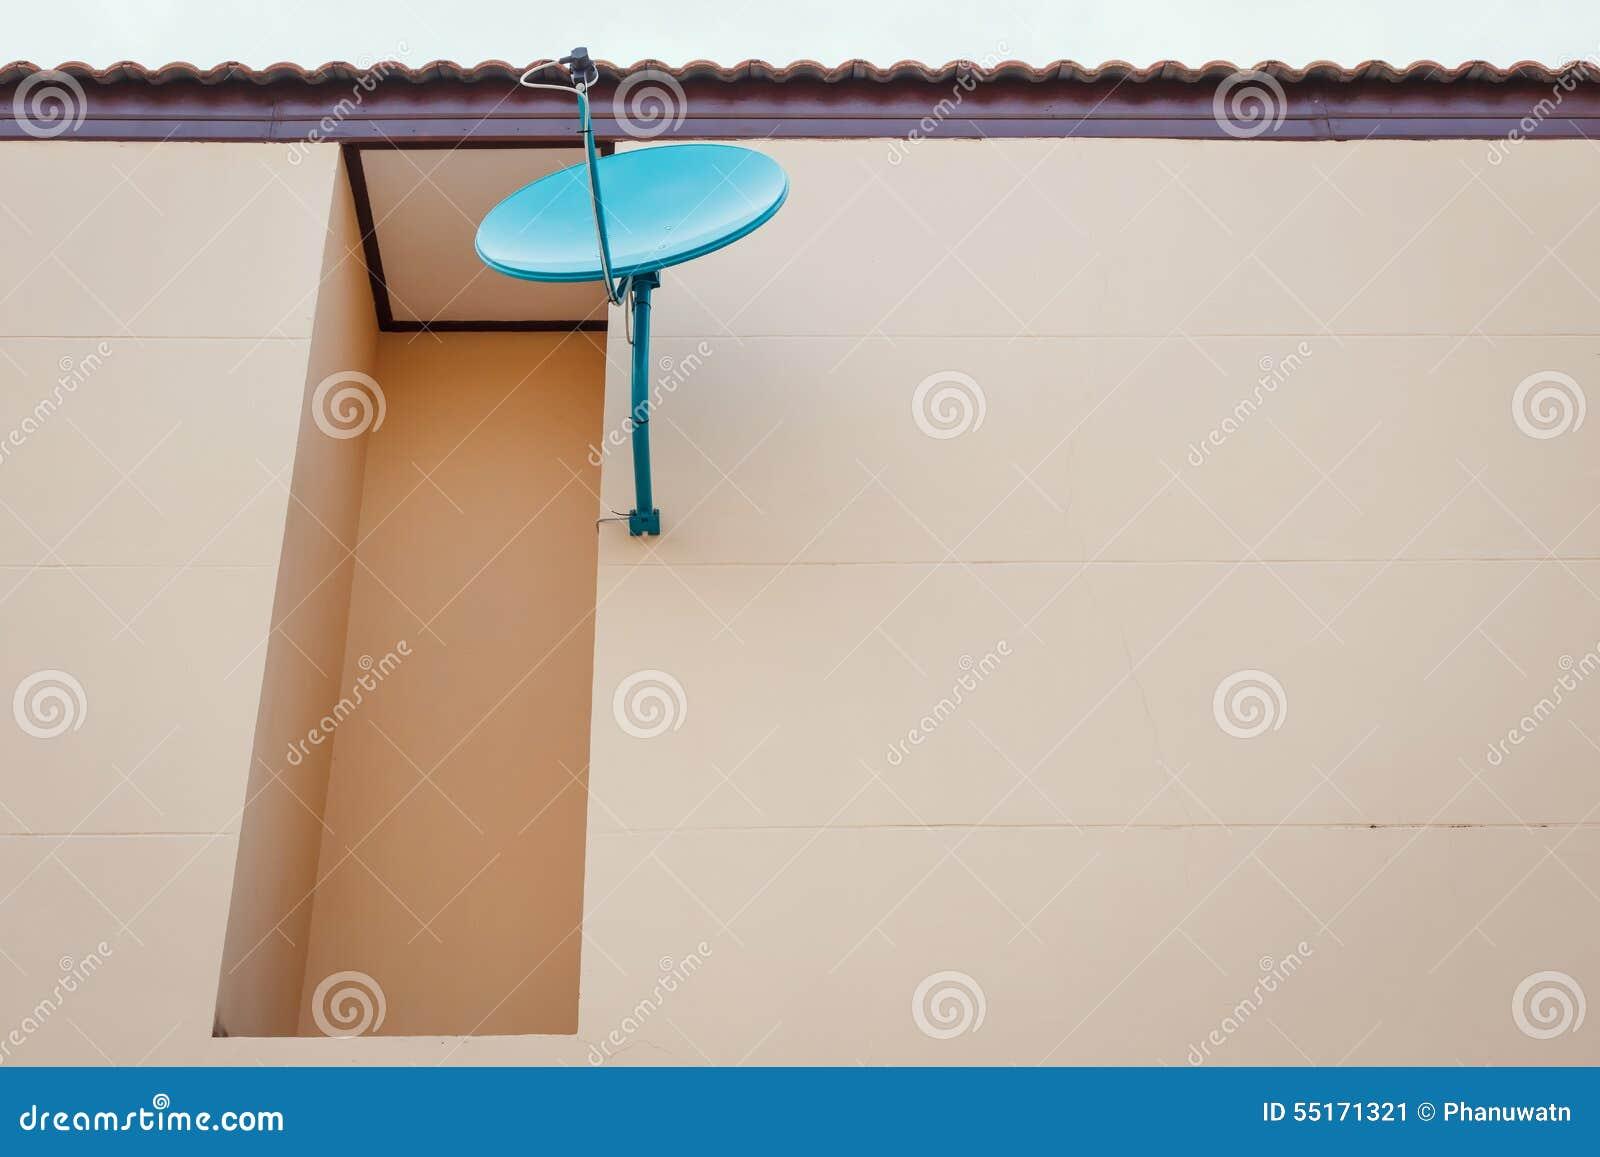 La antena parabólica instala en la pared